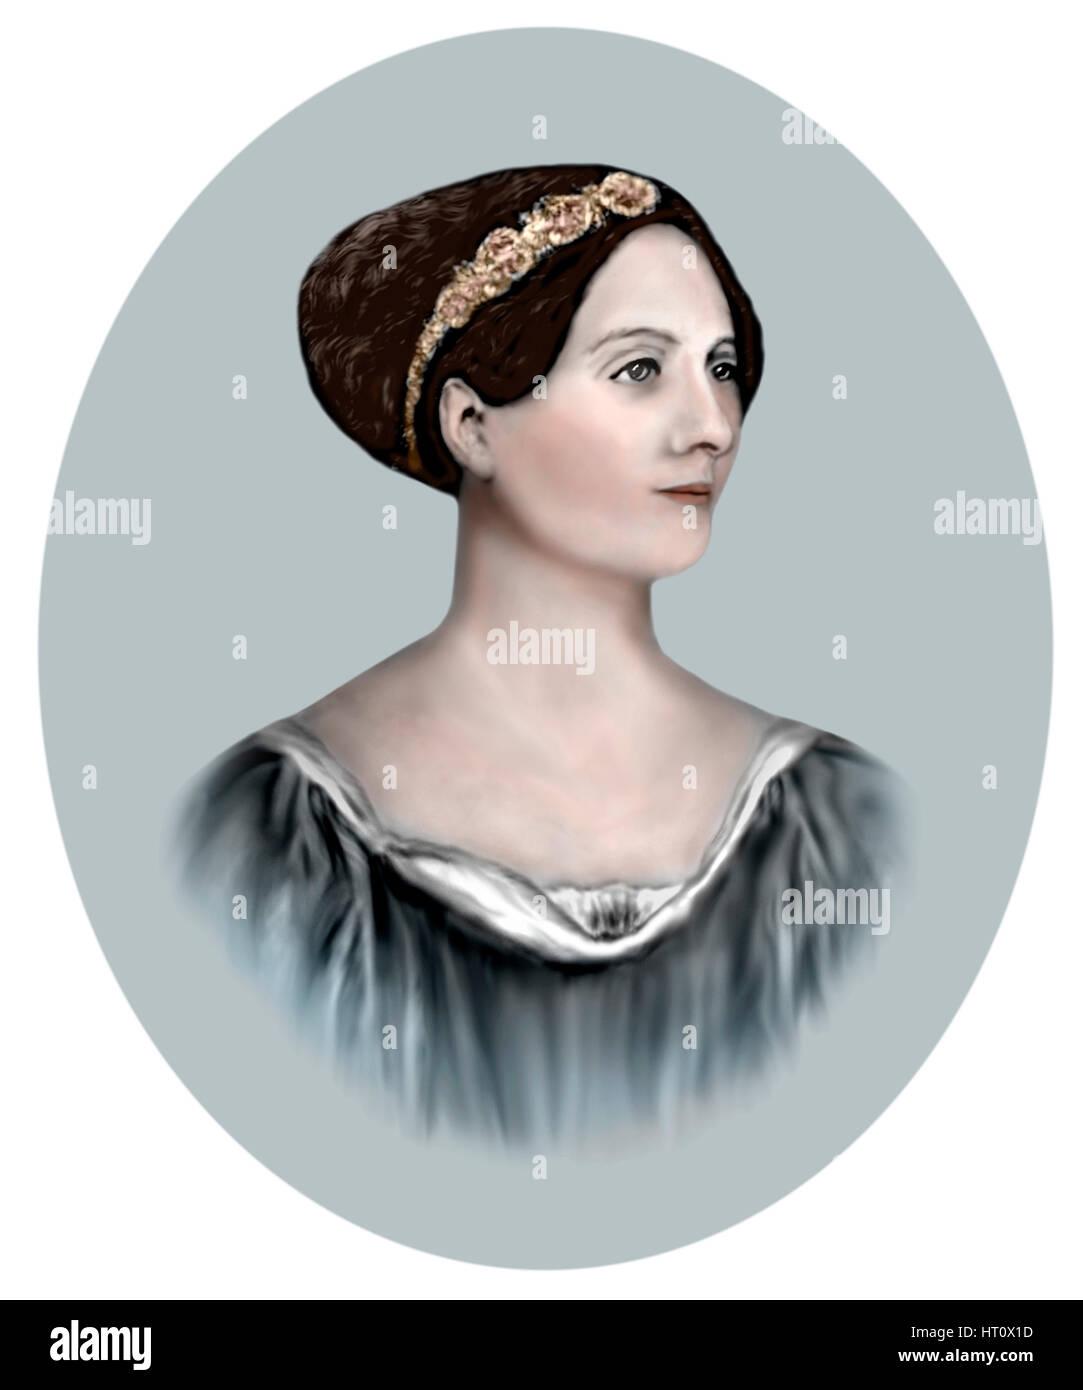 Ada Lovelace, 1815-1852, English Mathematician, Writer - Stock Image